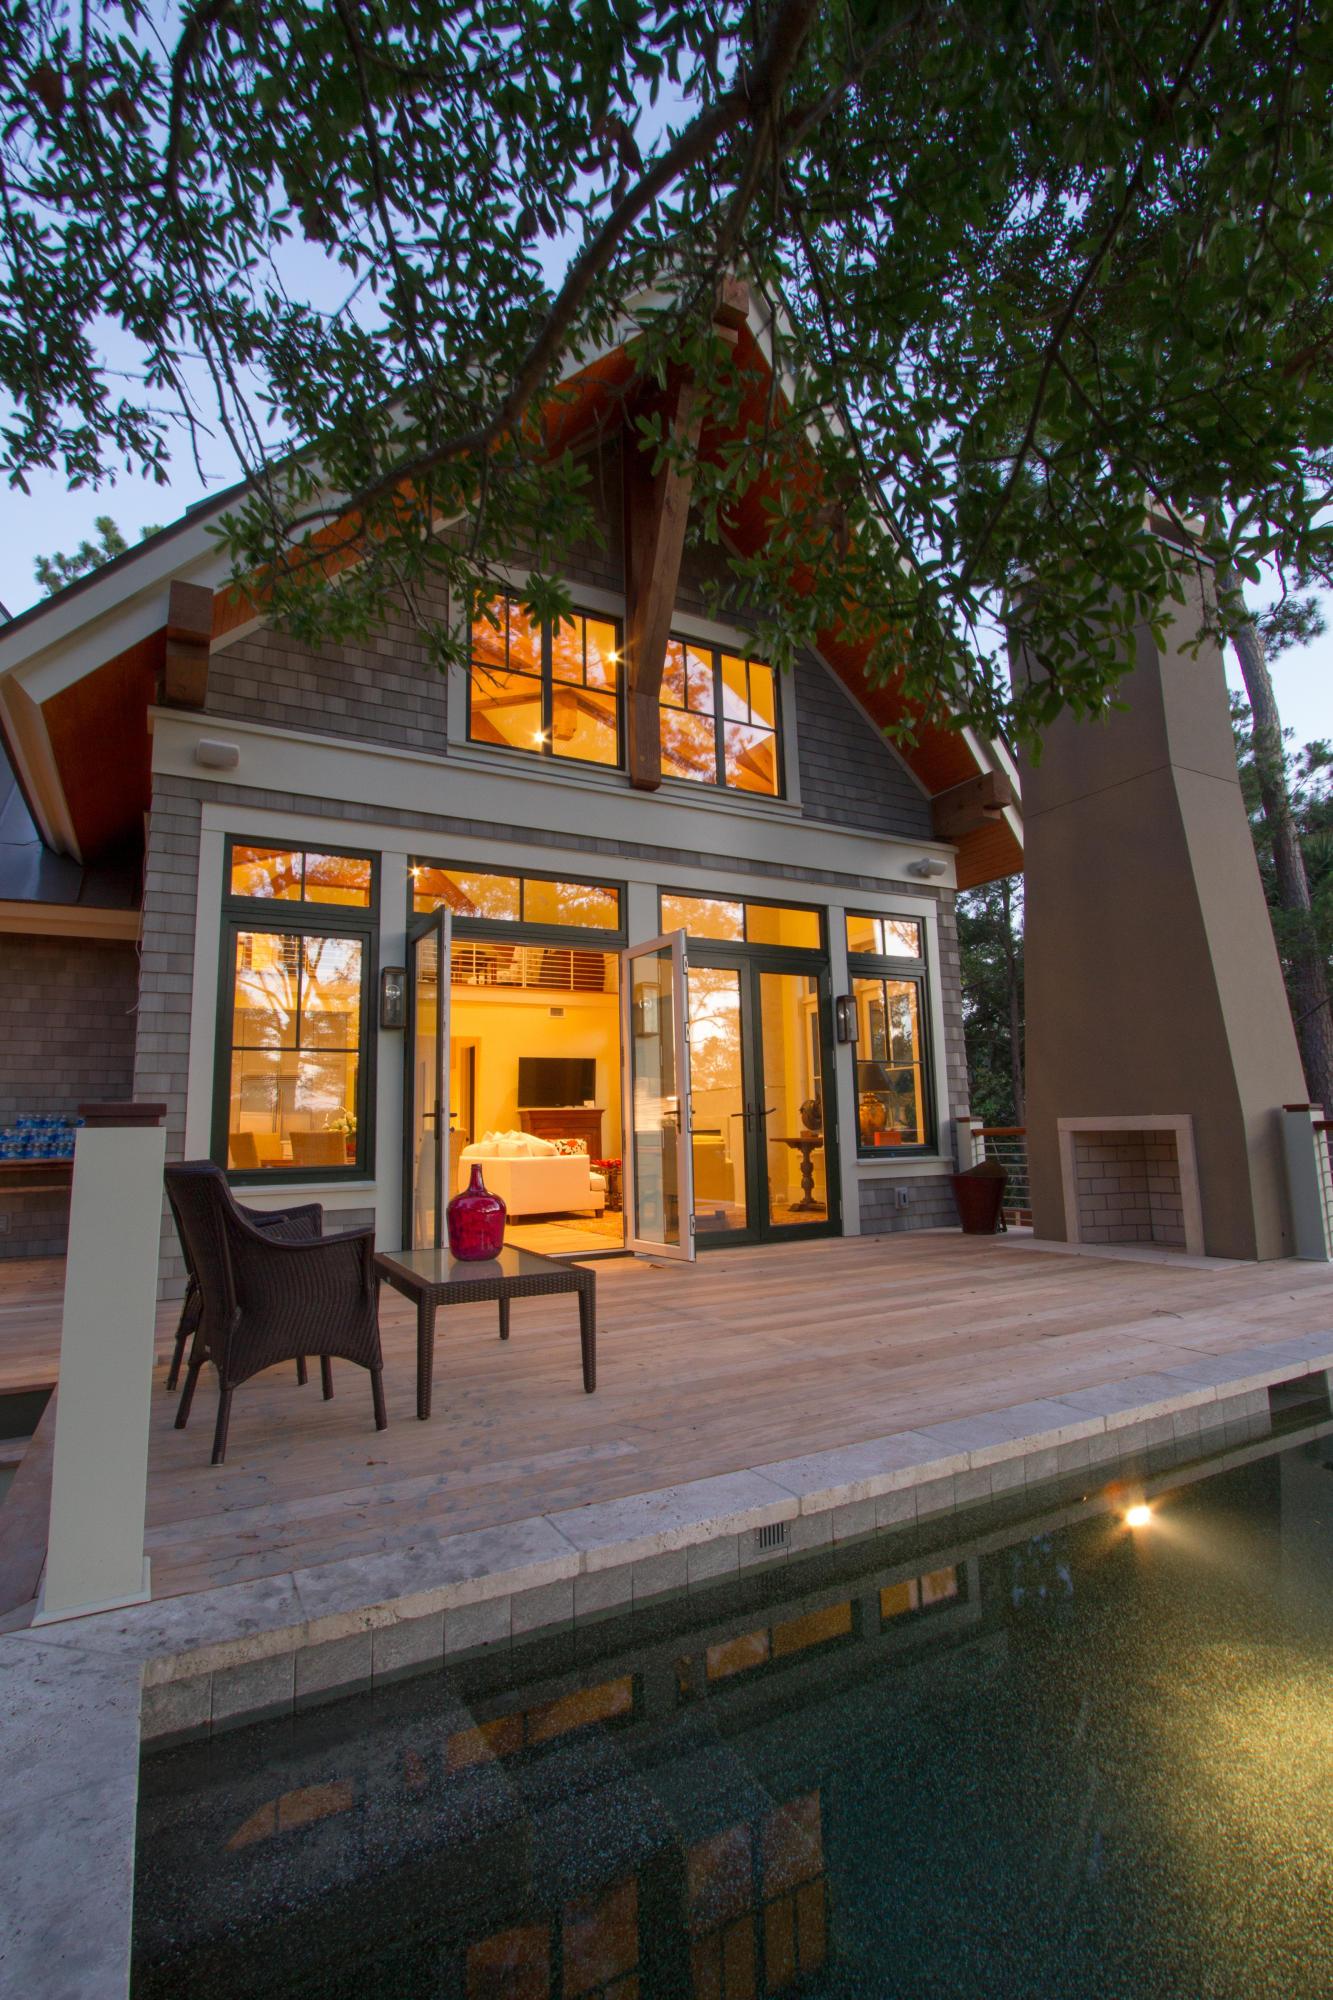 Kiawah Island Homes For Sale - 123 Halona, Kiawah Island, SC - 6